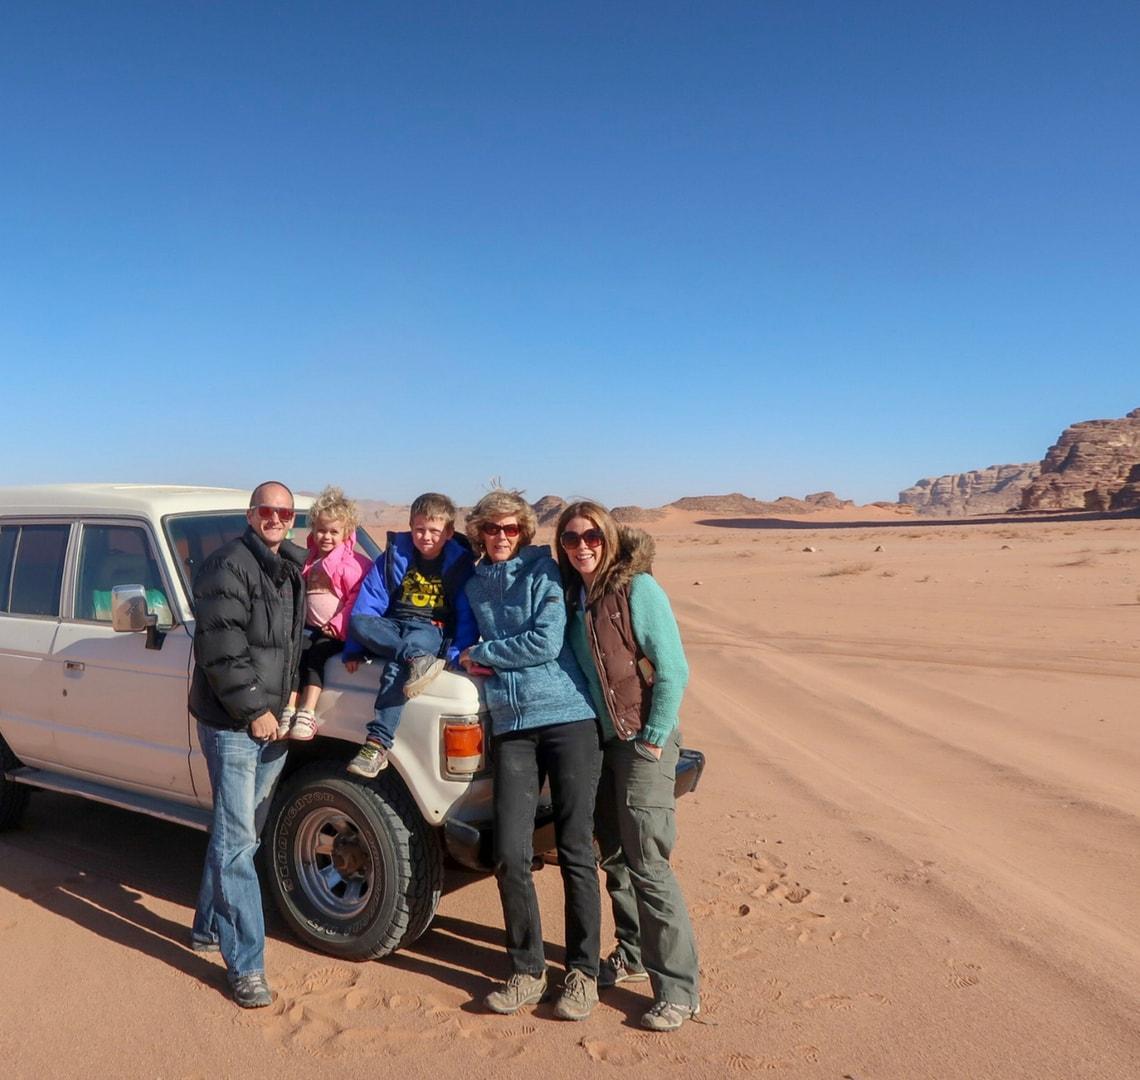 Last minute - Wanderlust family in Wadi Rum, Jordan